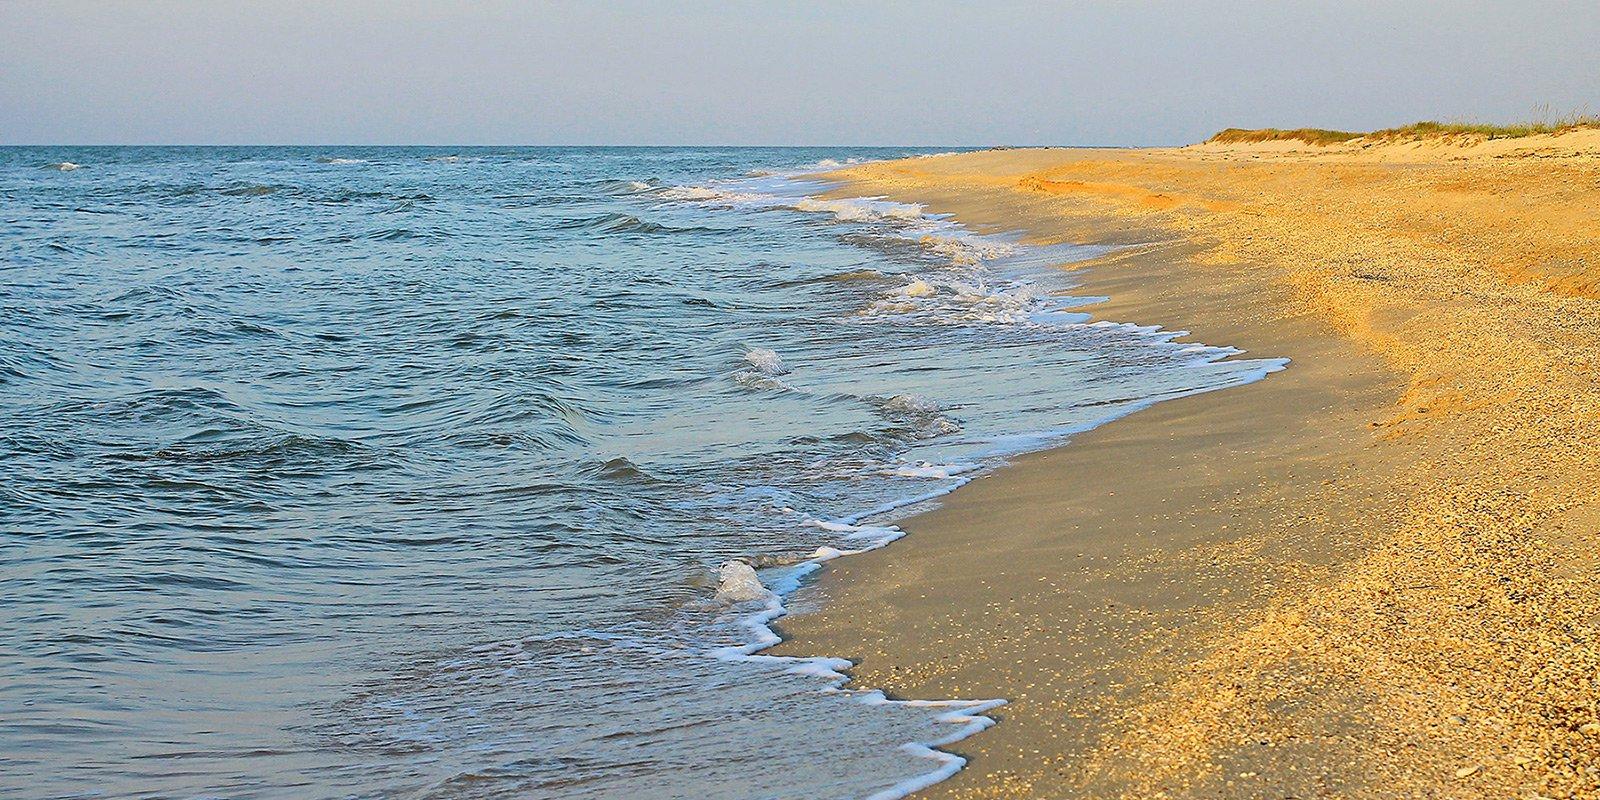 Довжина коси близько 20 км, що становить 11 морських миль, найширша частина - приблизно 5 км. Берегова лінія західній та північно-західної частин Острови Бірючий характерна наявністю лиманів та мілководних бухт.